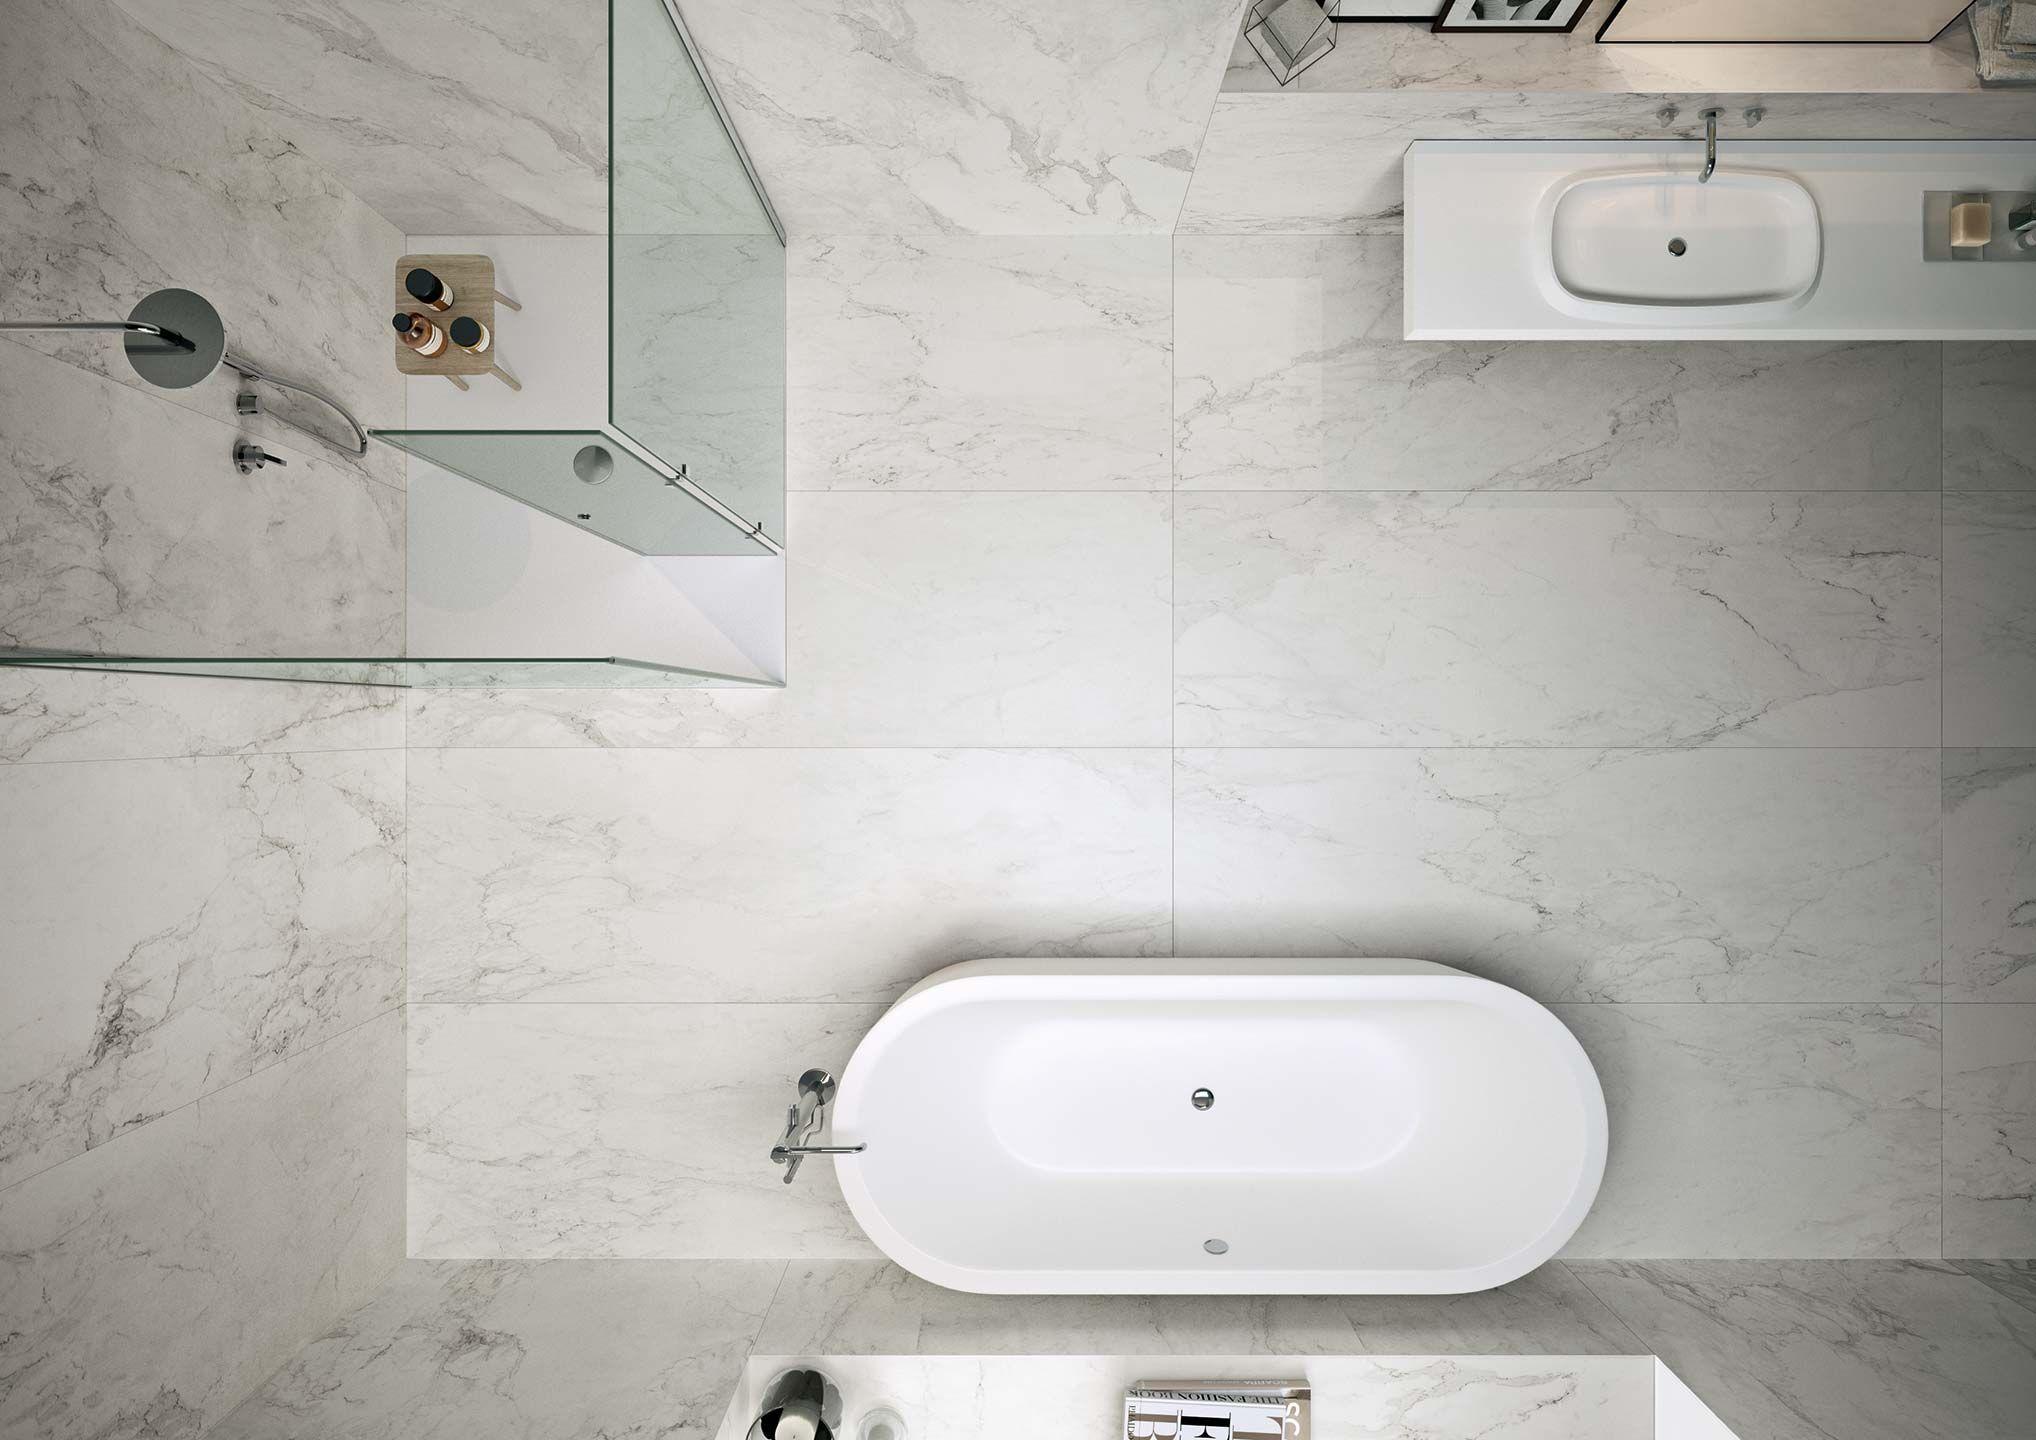 Piastrelle in gres porcellanato per pavimenti bagni e rivestimenti